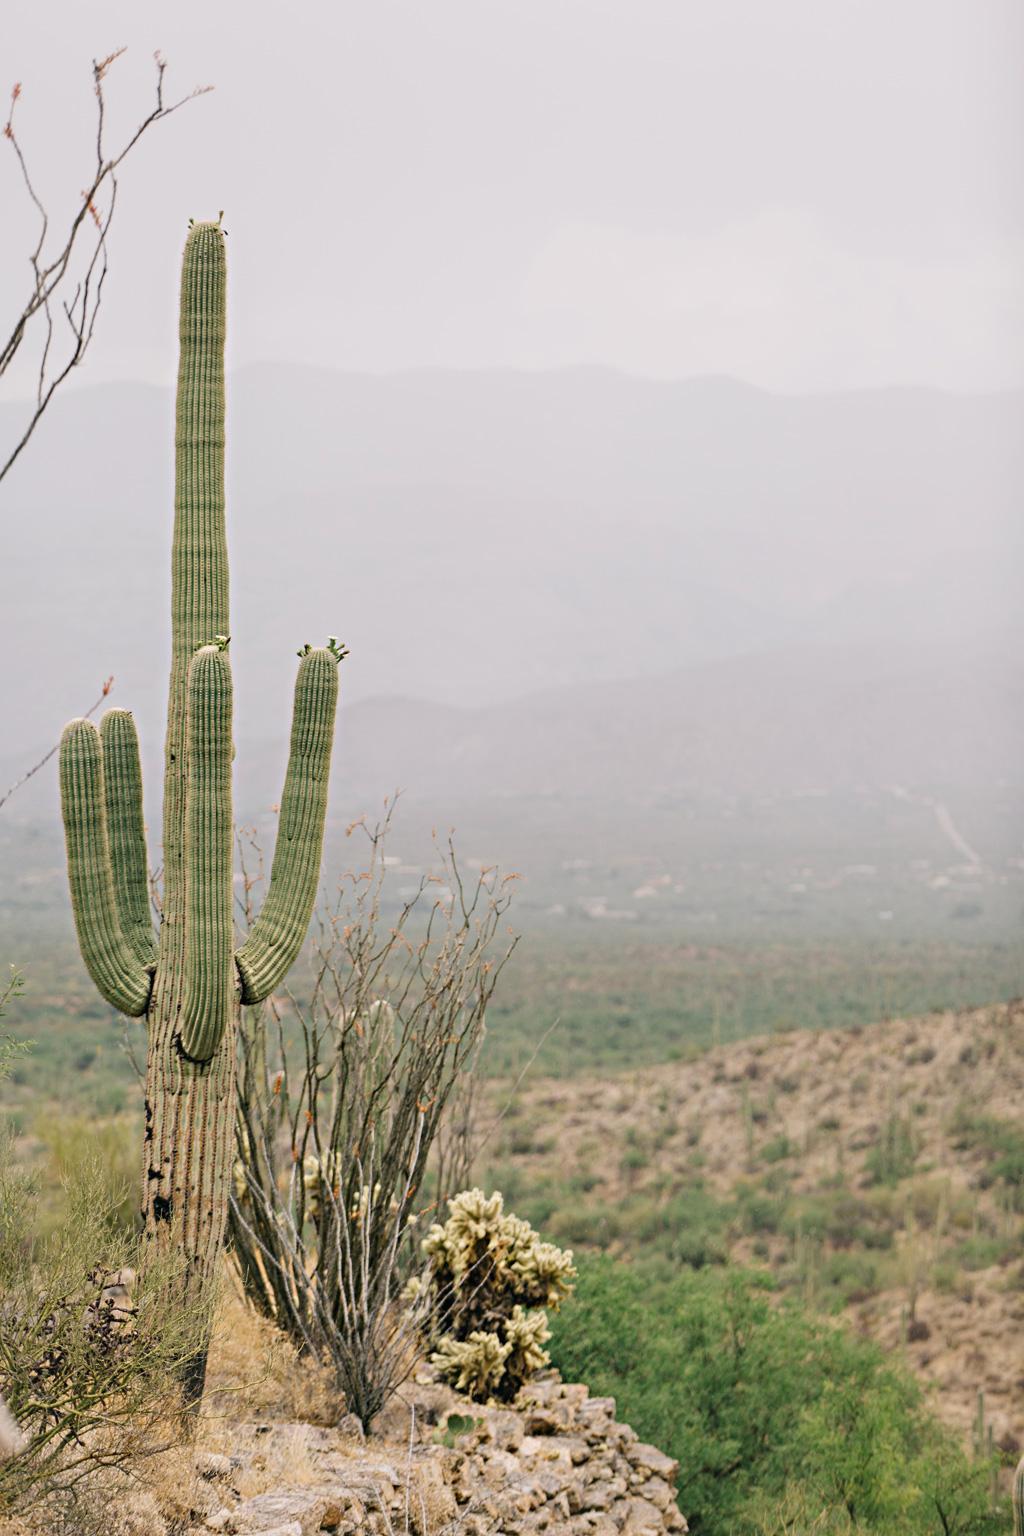 CindyGiovagnoli_Saguaro_National_Park_Arizona_desert_cactus_bloom_flowers-012.jpg